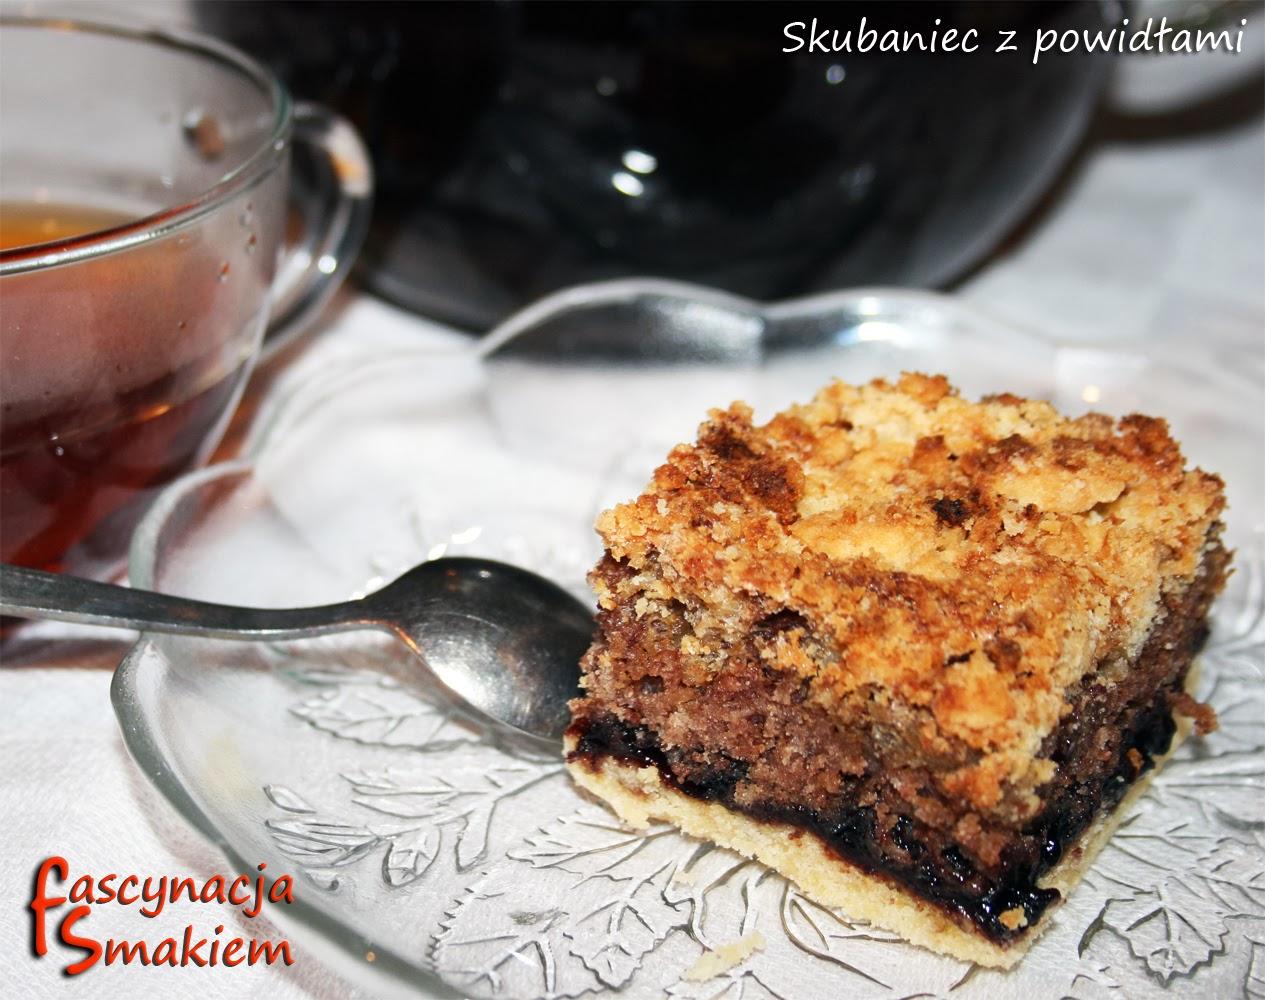 http://fascynacjasmakiem.blogspot.com/2014/02/skubaniec-z-powidami.html